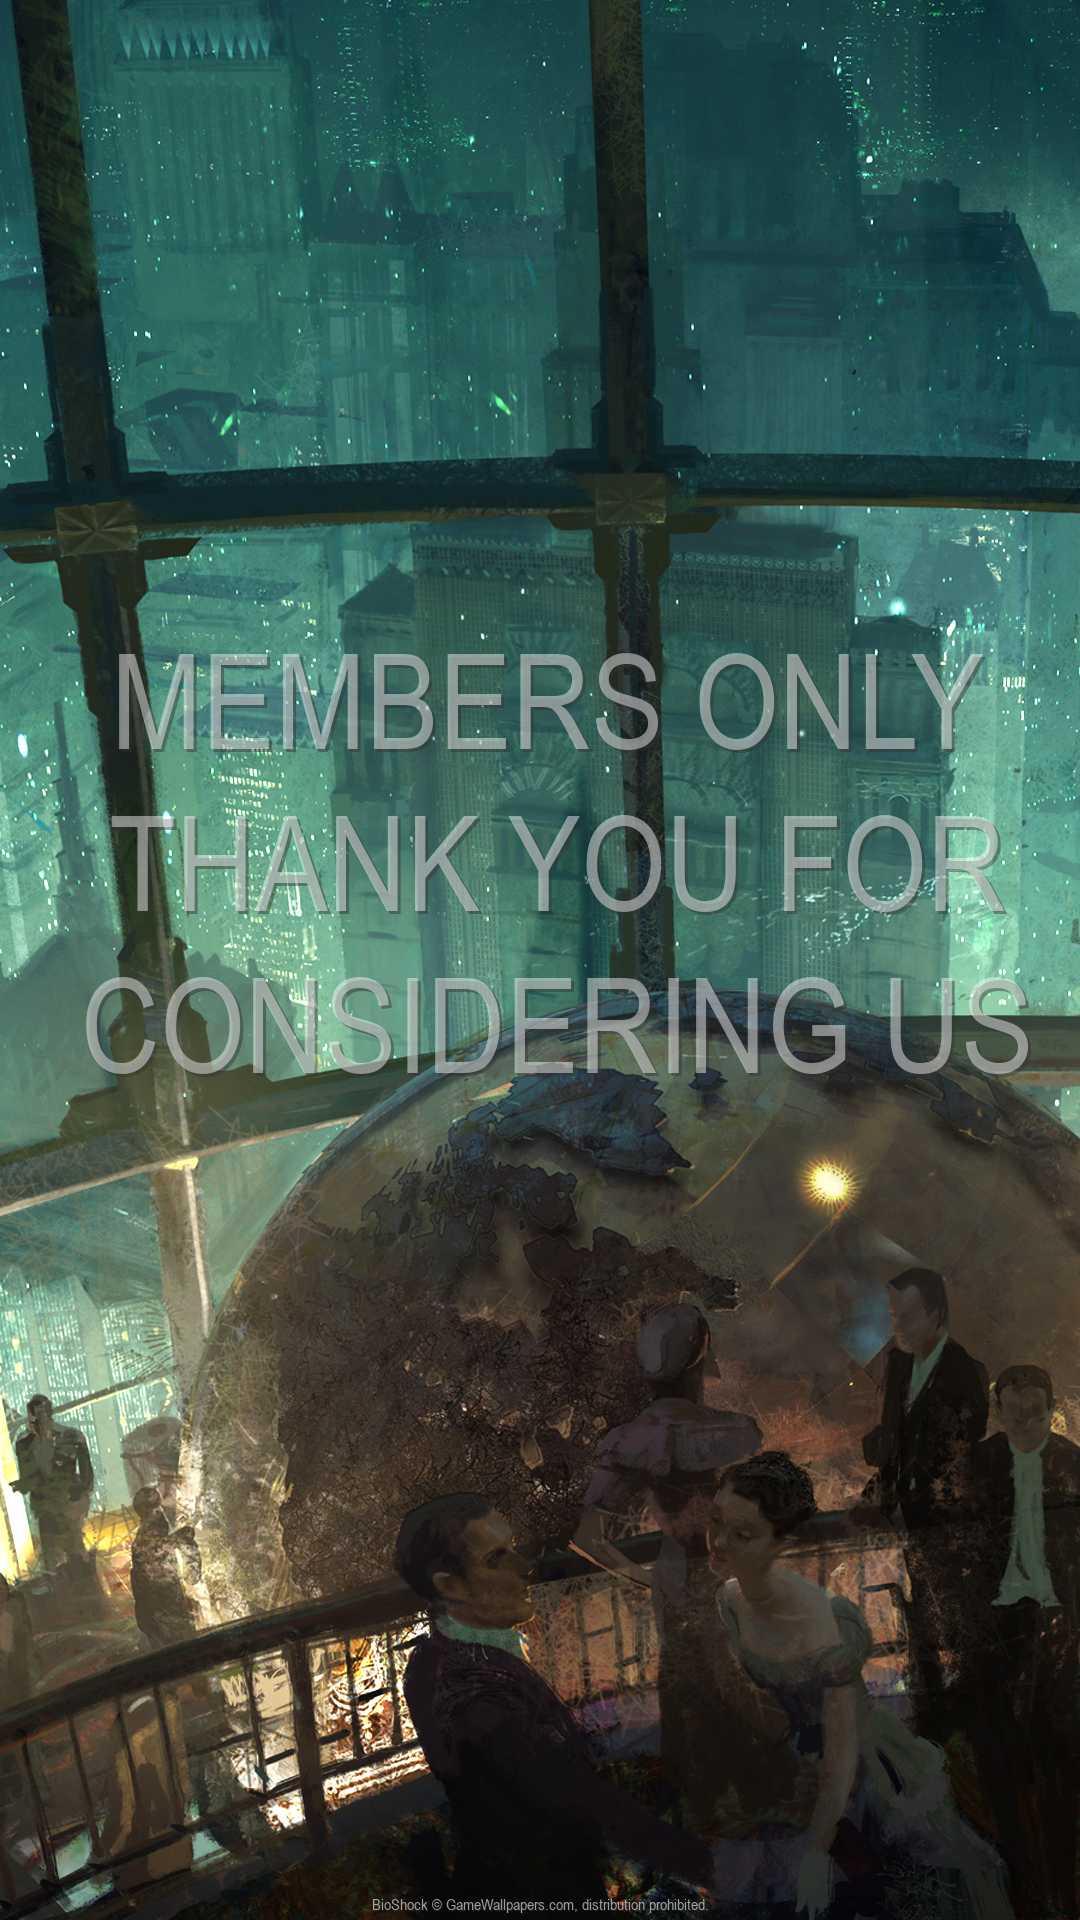 BioShock 1080p Vertical Mobile fond d'écran 06